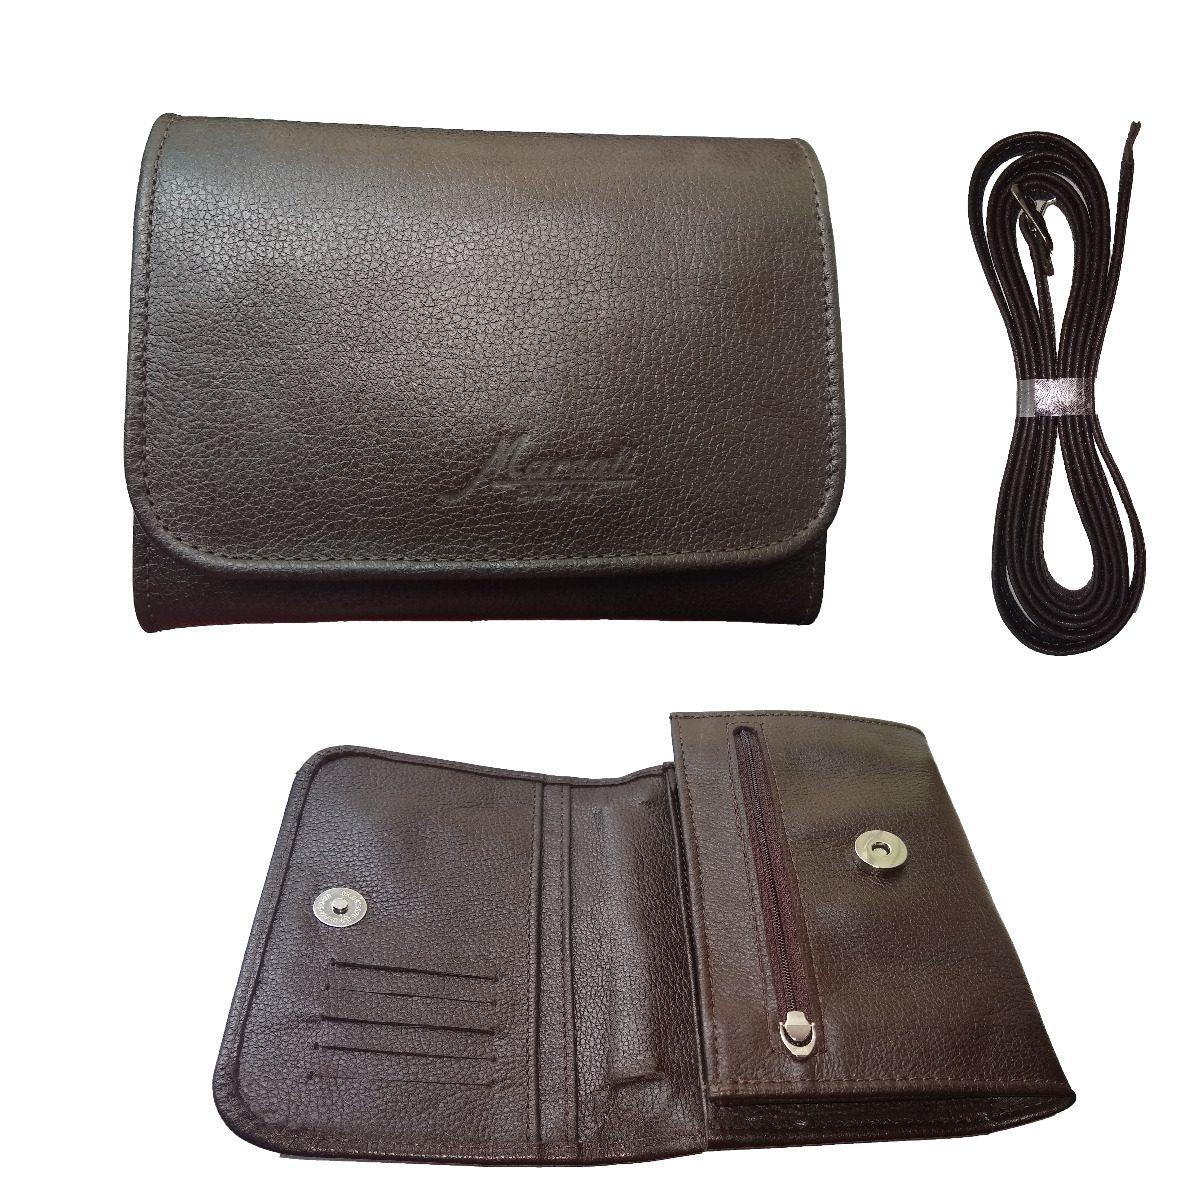 989f9d89e bolsa carteira couro feminina alça tiracolo - super promoção. Carregando  zoom.